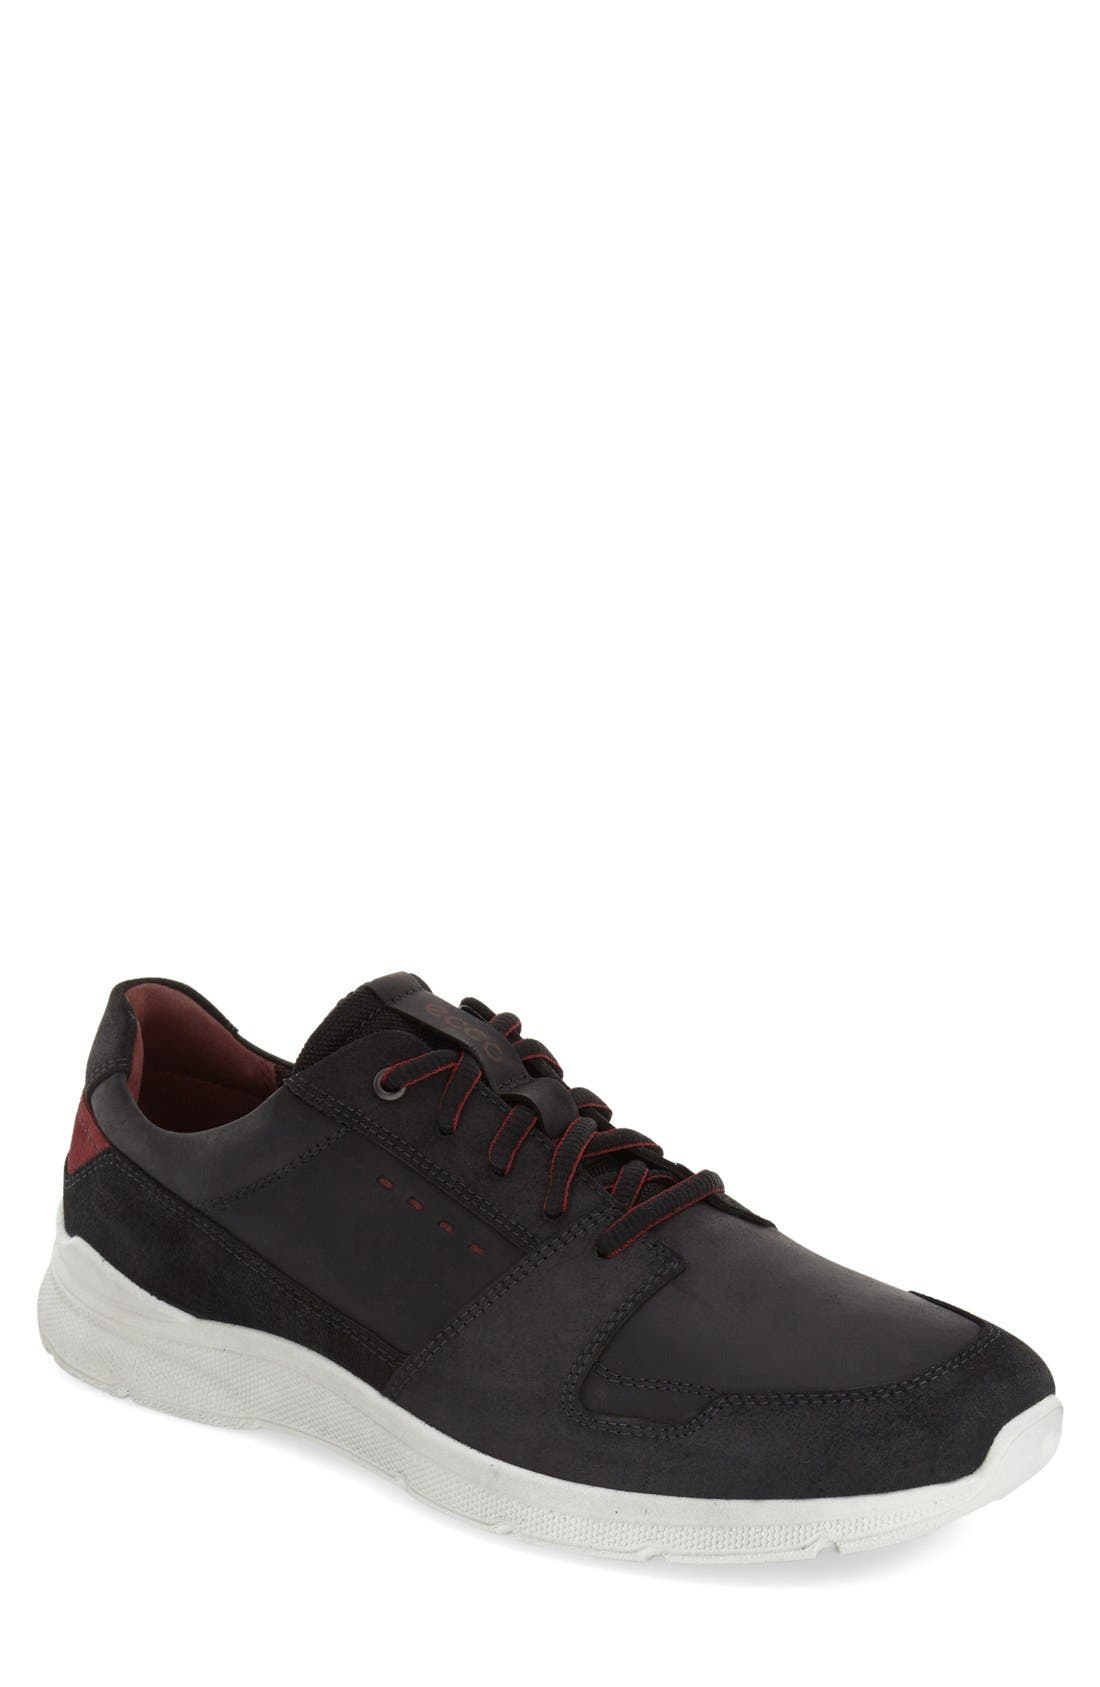 'Irondale - Retro' Sneaker,                         Main,                         color, 001